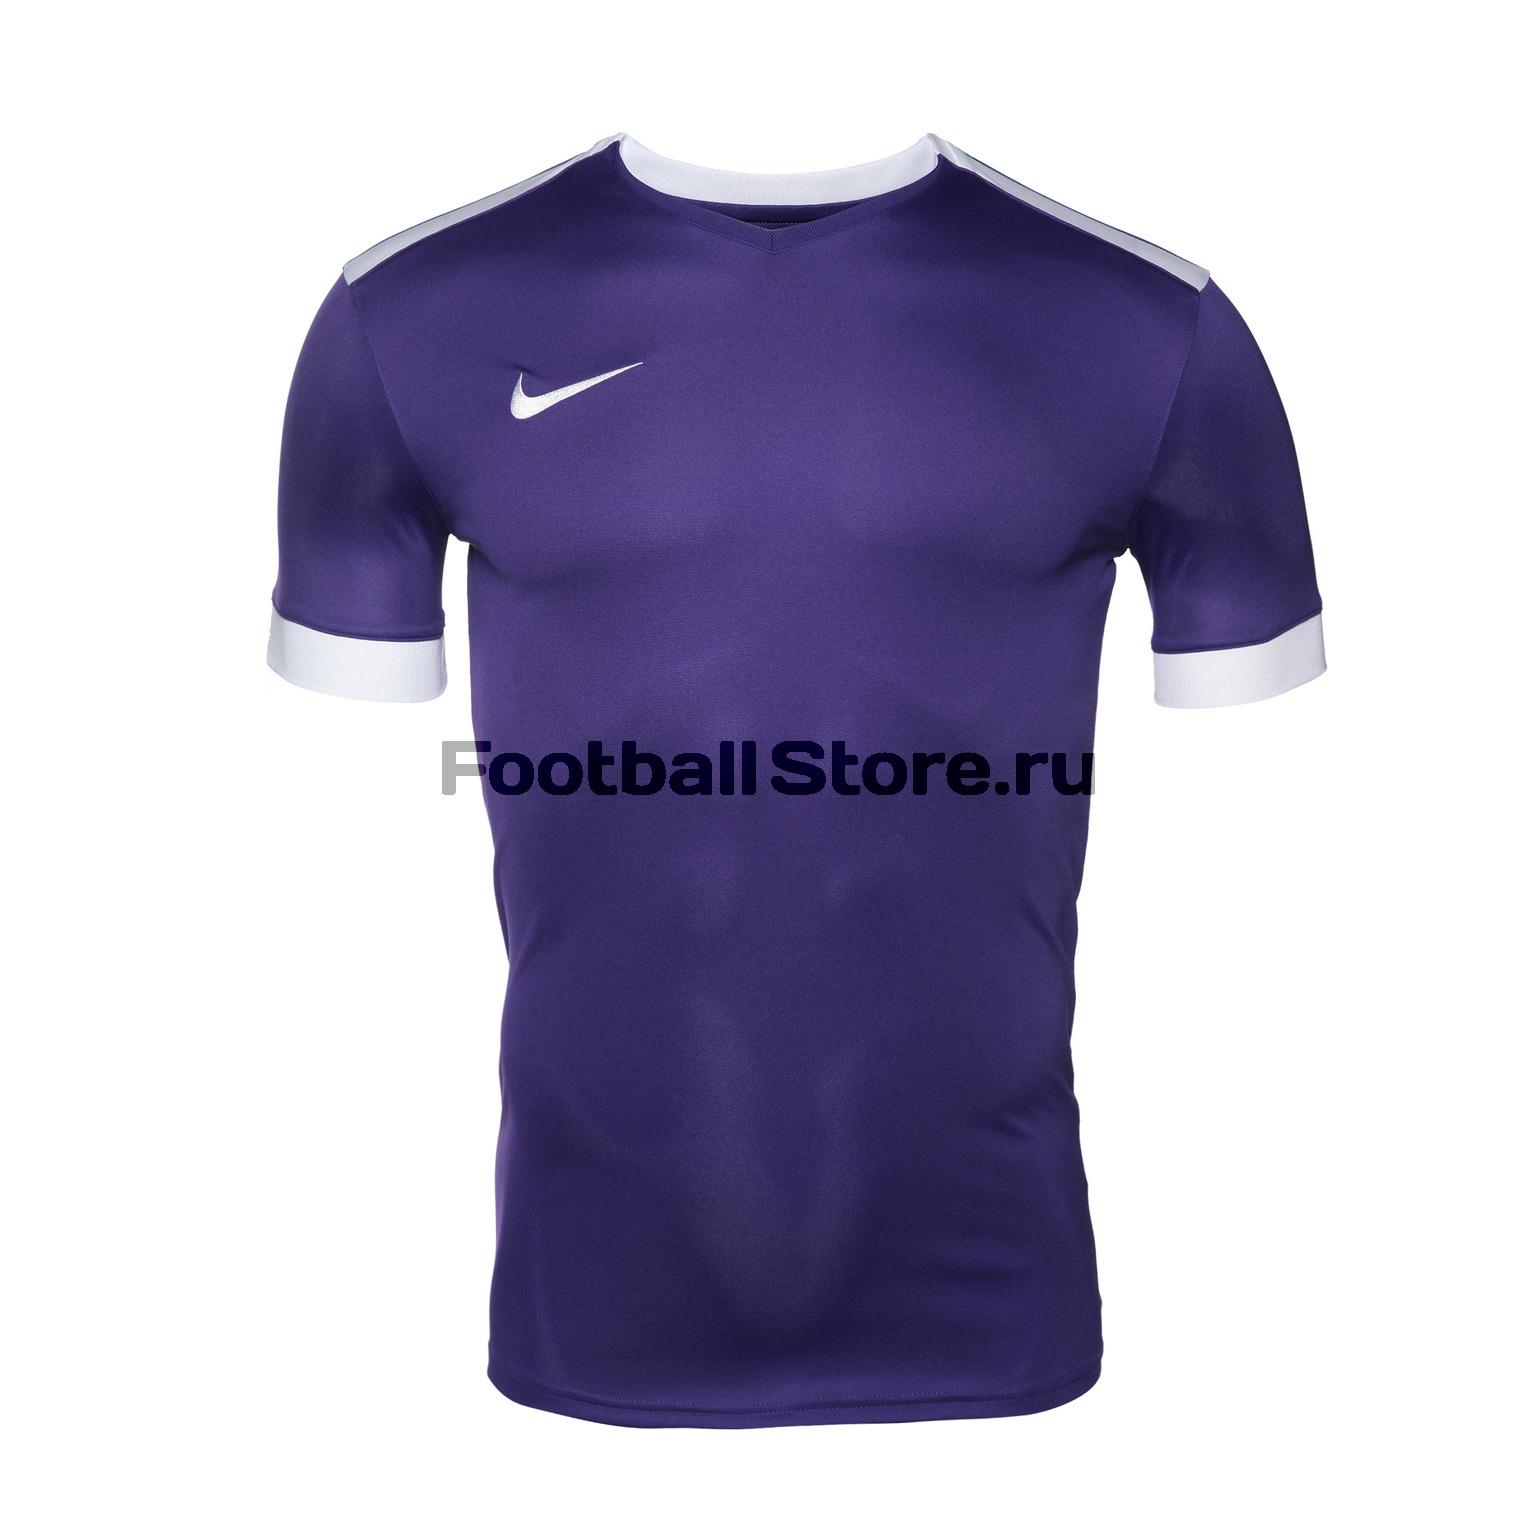 Футболки Nike Футболка игровая Nike Park Derby II JSY SS 894312-547